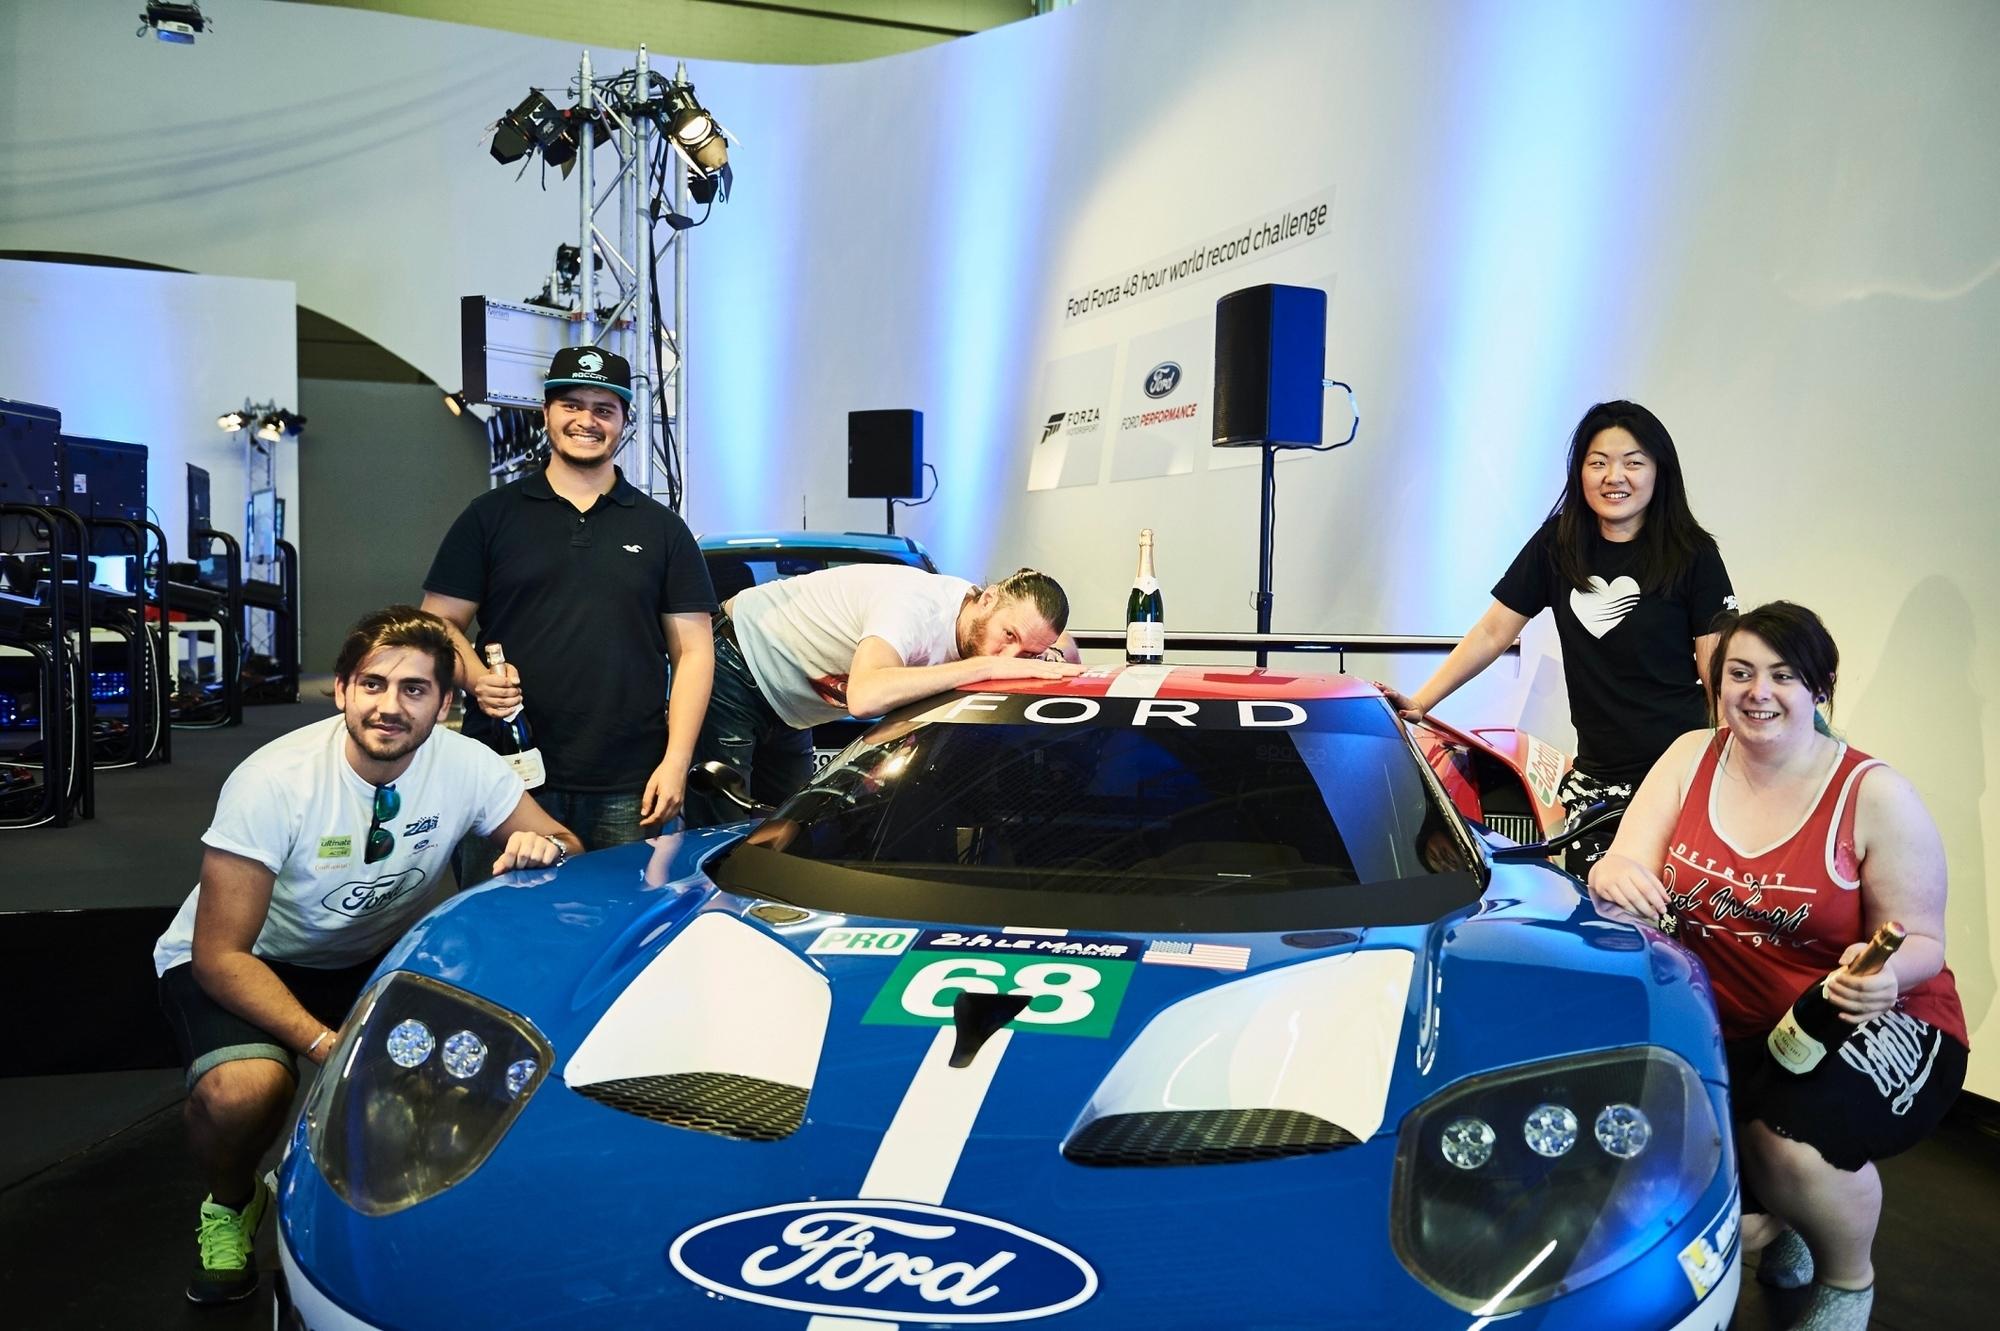 mid Groß-Gerau - Fünf Gamer und ihr Traumwagen: An der Spielkonsole sind die jungen Leute jetzt ins Guinness-Buch der Rekorde gefahren.